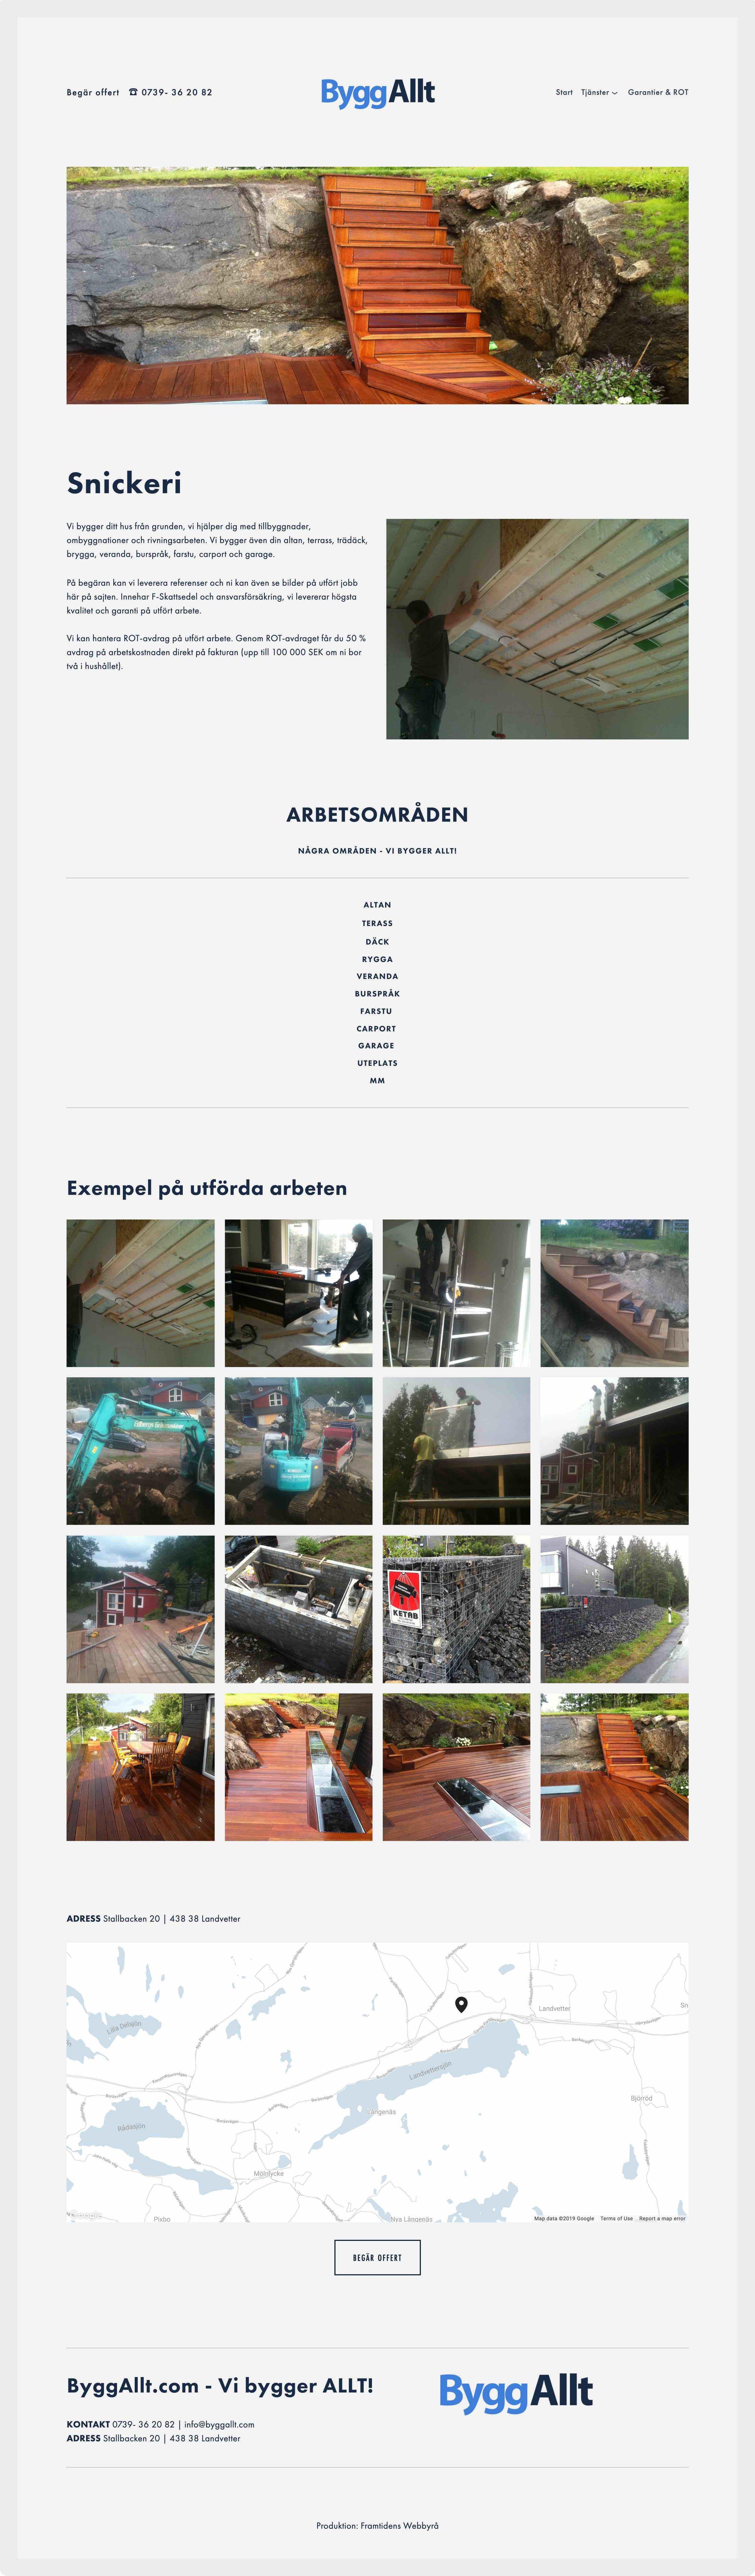 framtidens-webbyrå-uppdrag-byggallt-snickeri.jpg